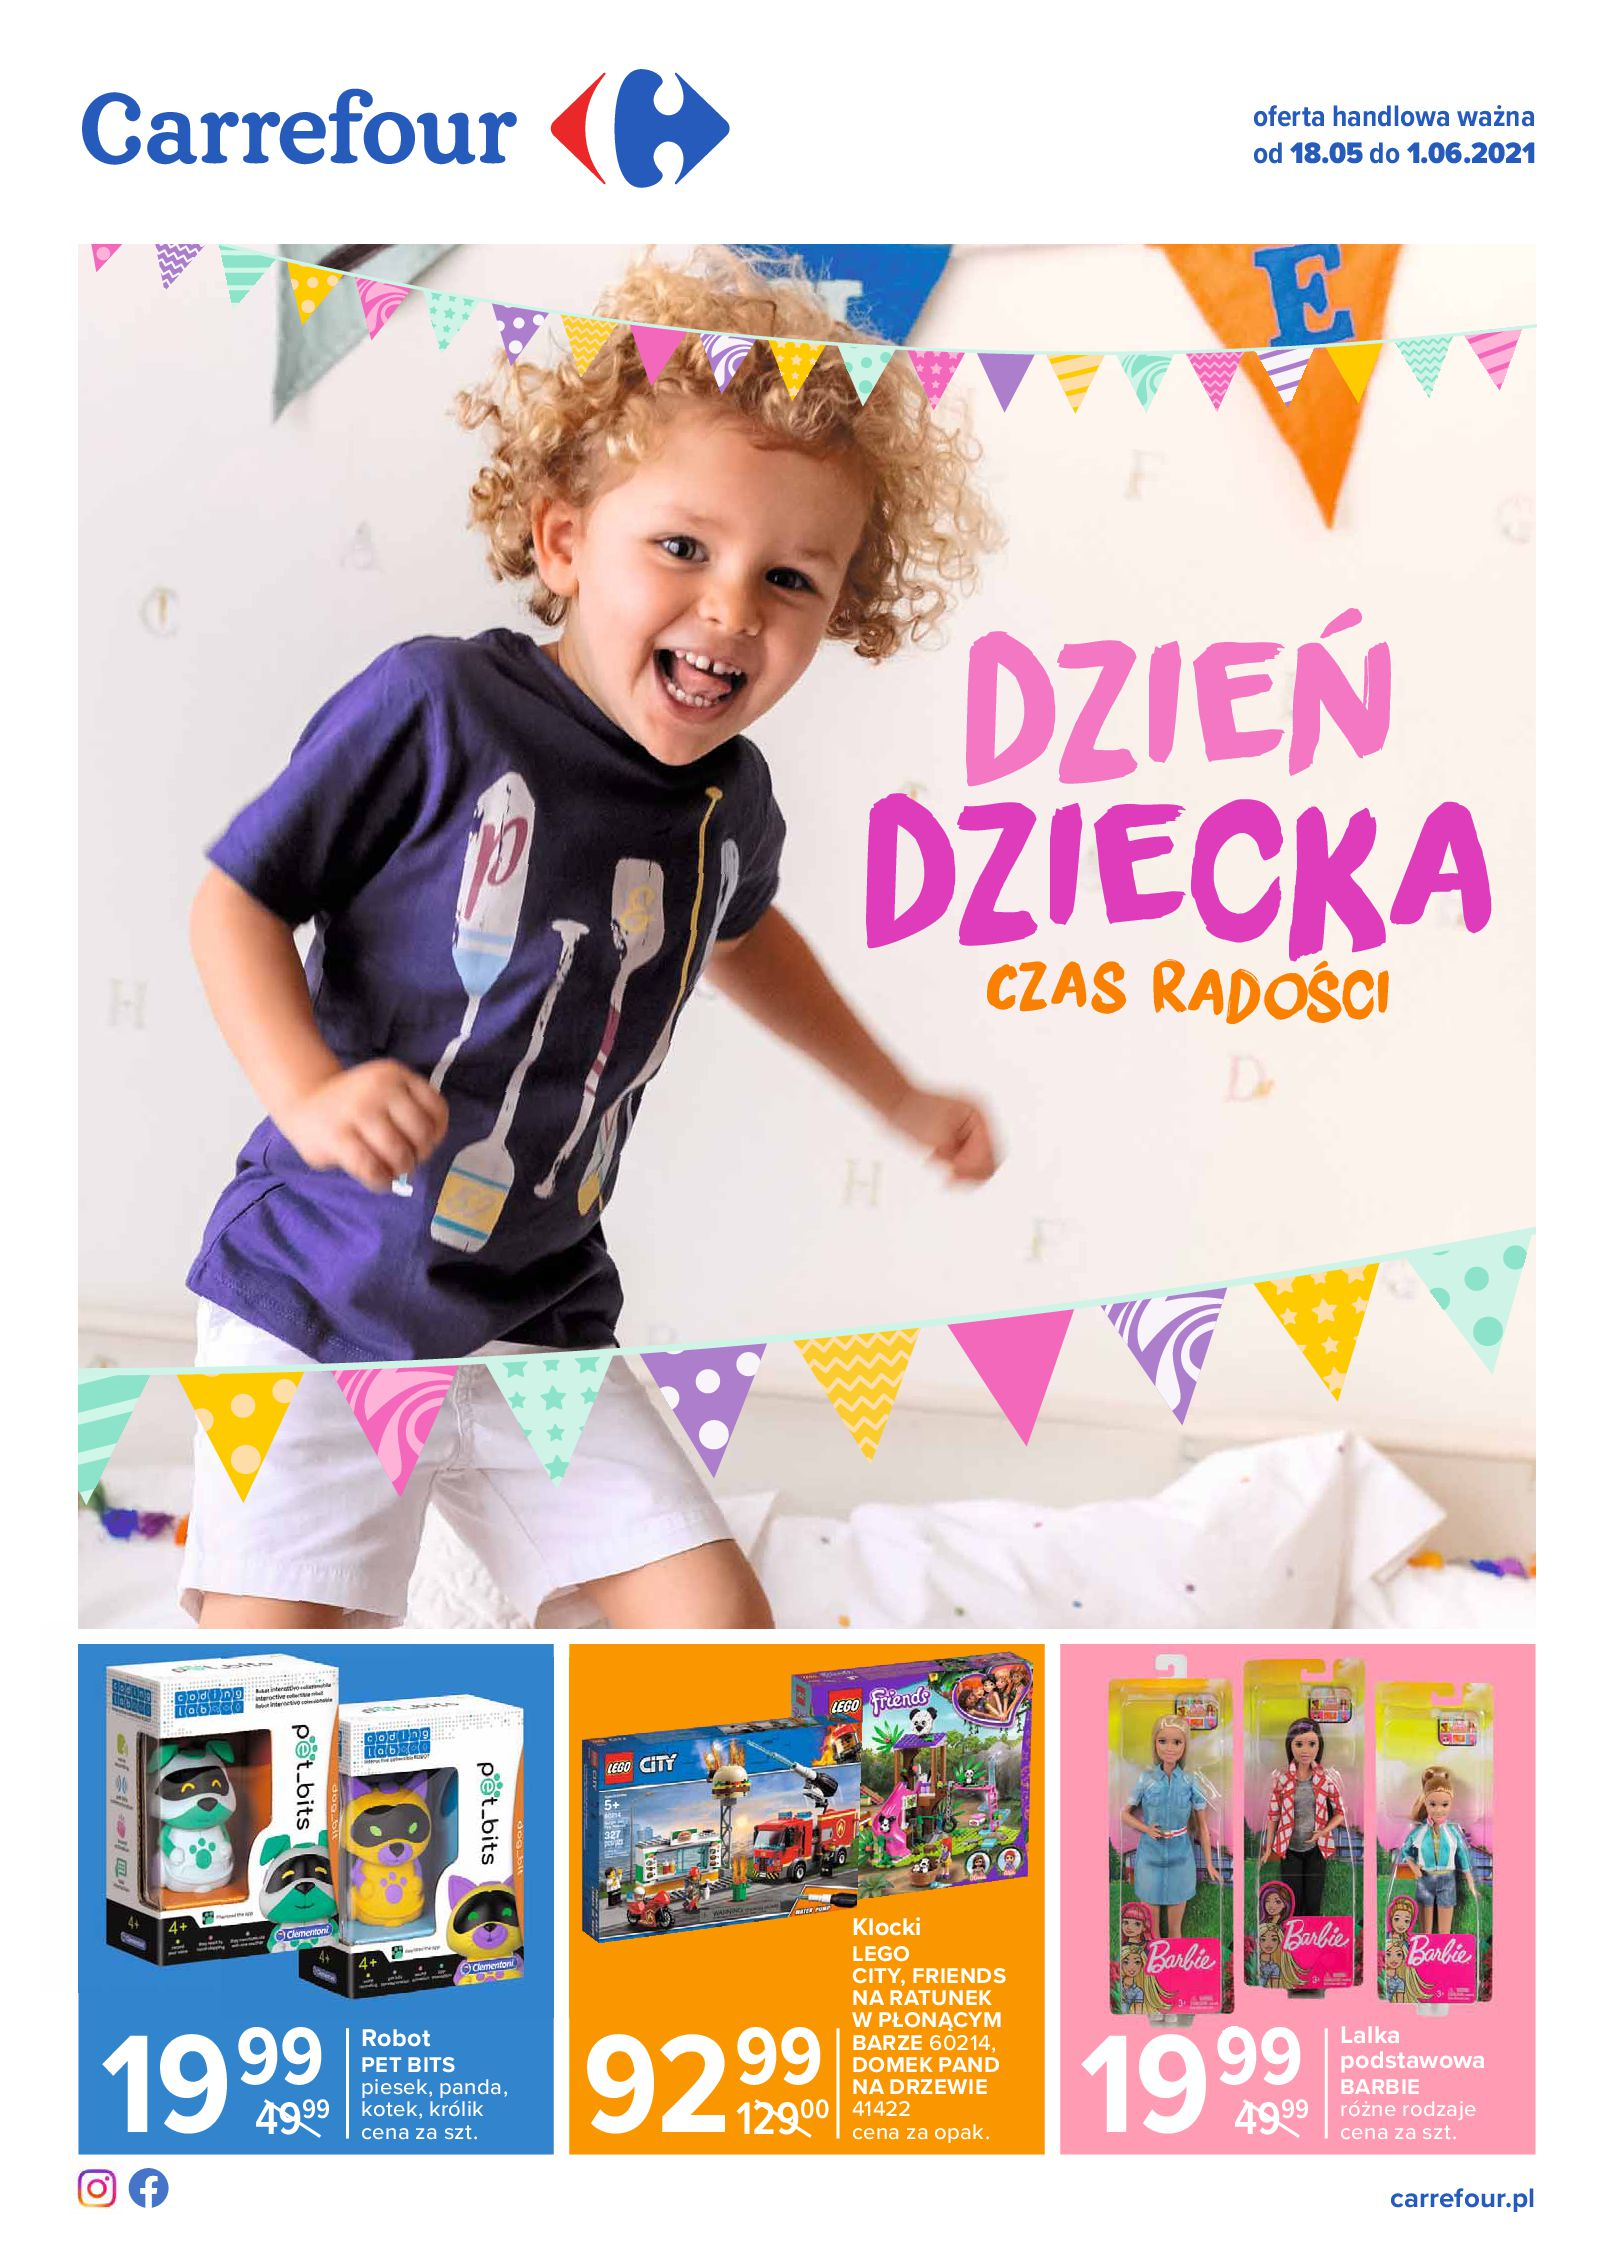 Carrefour:  Gazetka Carrefour Dzień Dziecka 17.05.2021